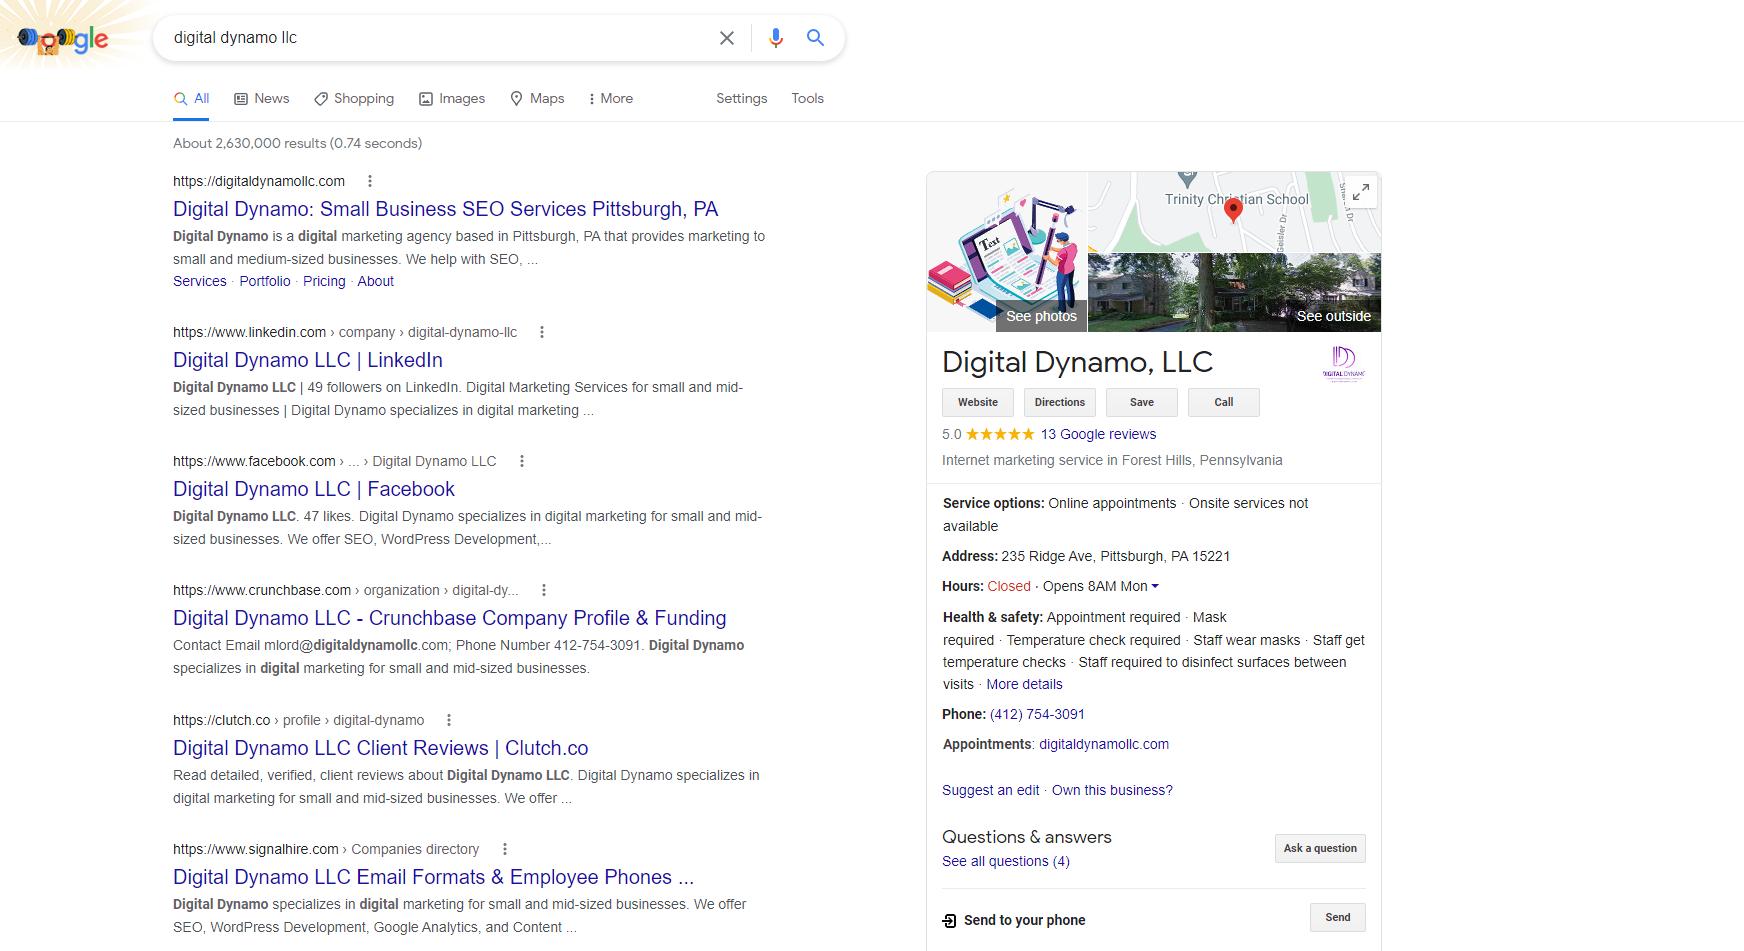 Digital Dynamo LLC SERP